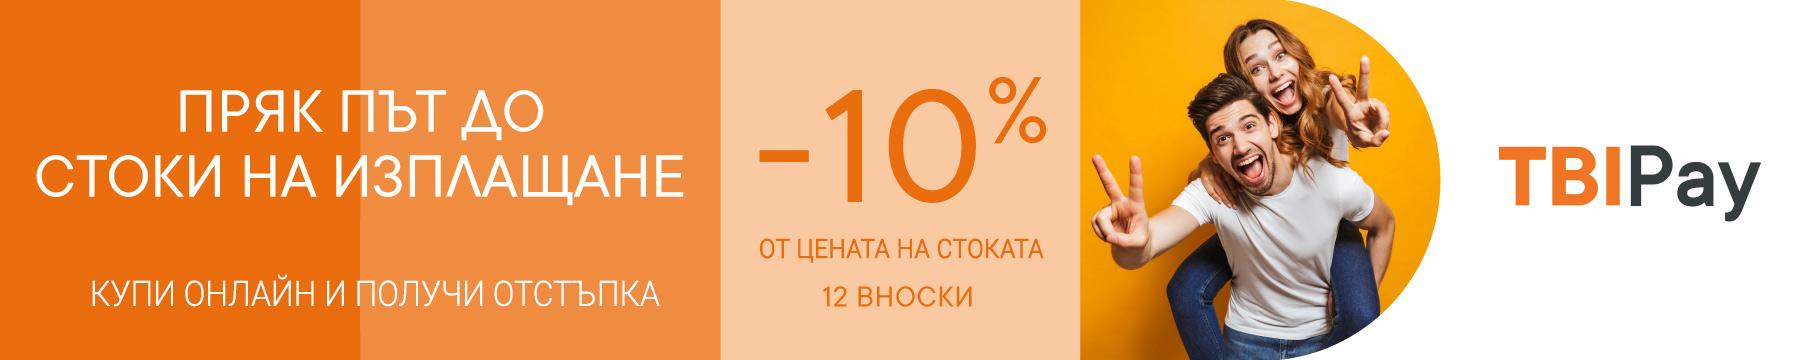 Поръчай сега и вземи 10% отстъпка при покупка на изплащане с TBIPay ...